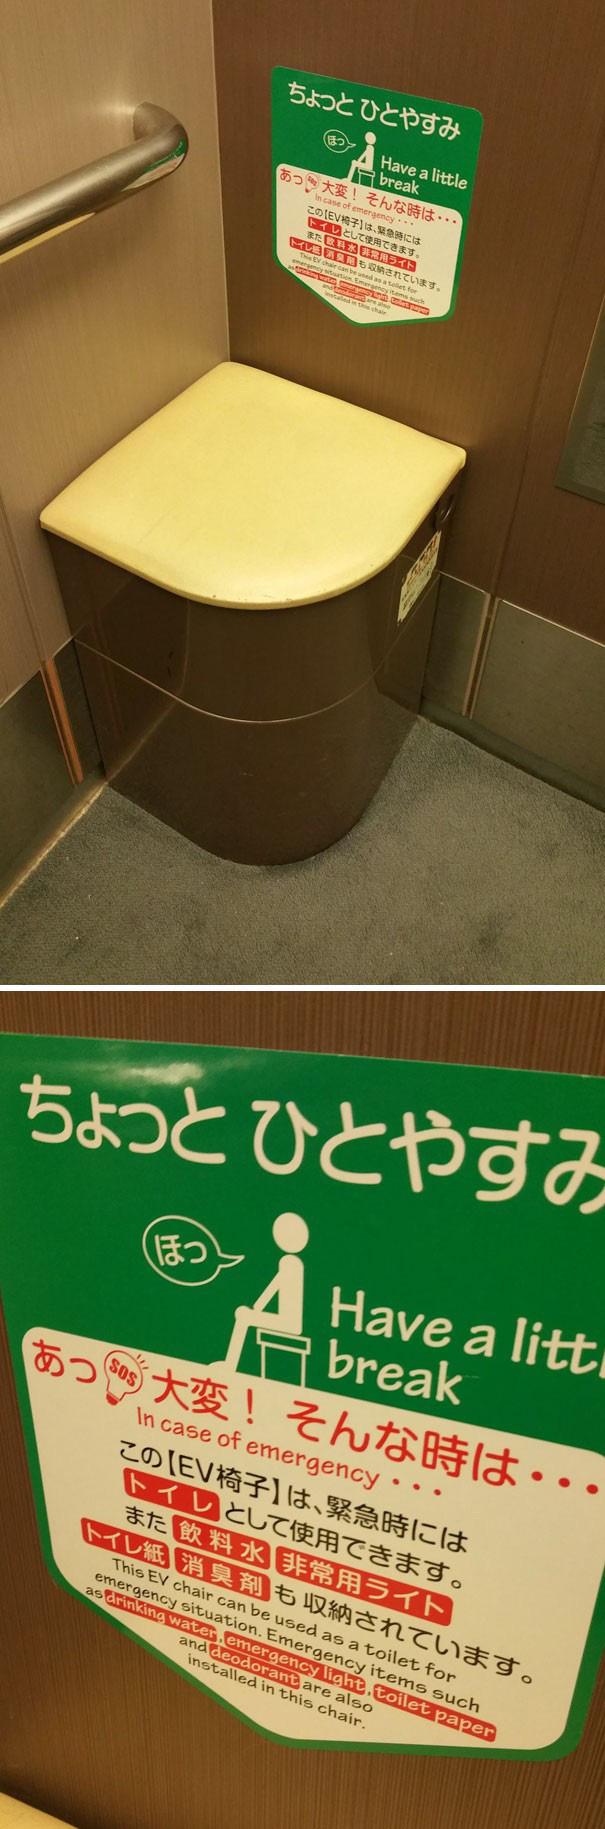 Cá bơi dưới cống, tận dụng nước rửa tay để xả bồn cầu và 22 sự thật thú vị về Nhật Bản thời hiện đại - Ảnh 14.